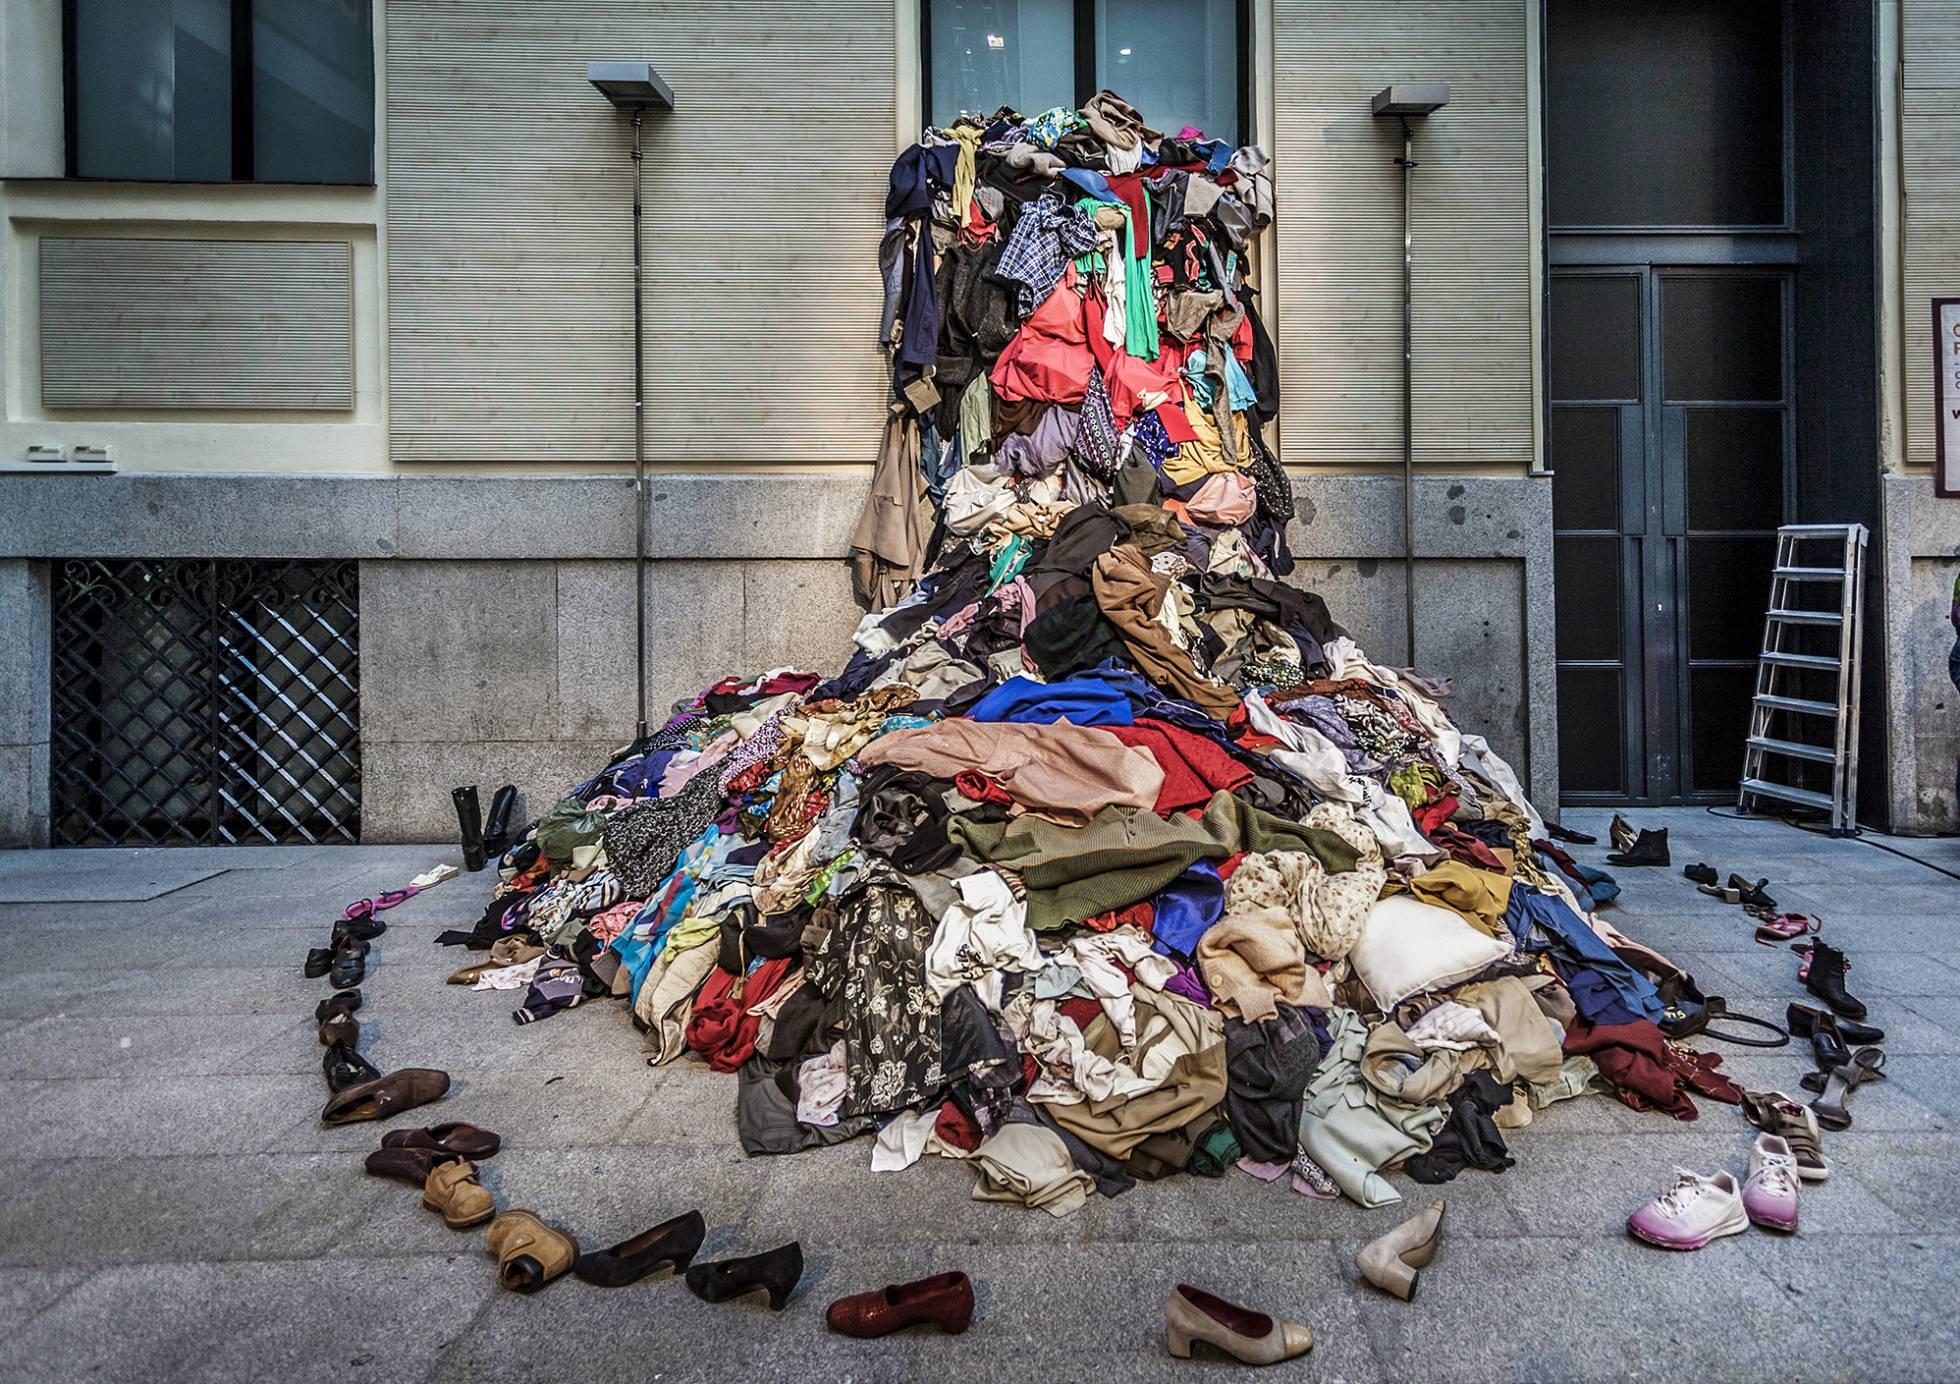 Instalación artística en el marco de la cita 'El intercambiador de ropa', que se celebra en La Casa Encendida de Madrid.